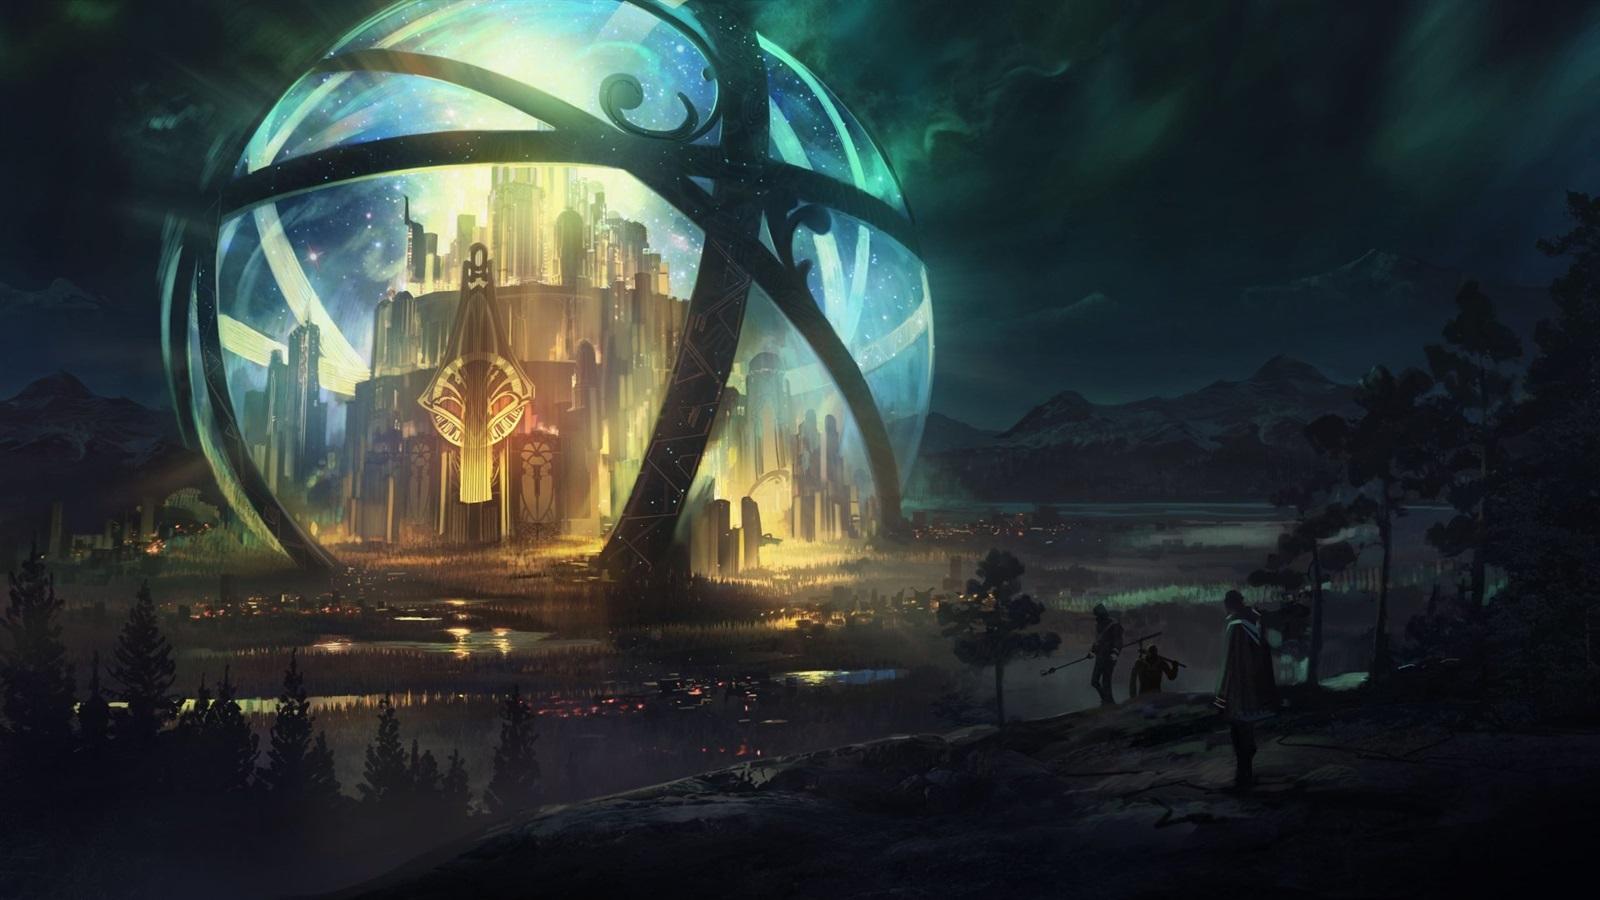 ファンタジーワールド 球体 城 美しい夜 640x960 Iphone 4 4s 壁紙